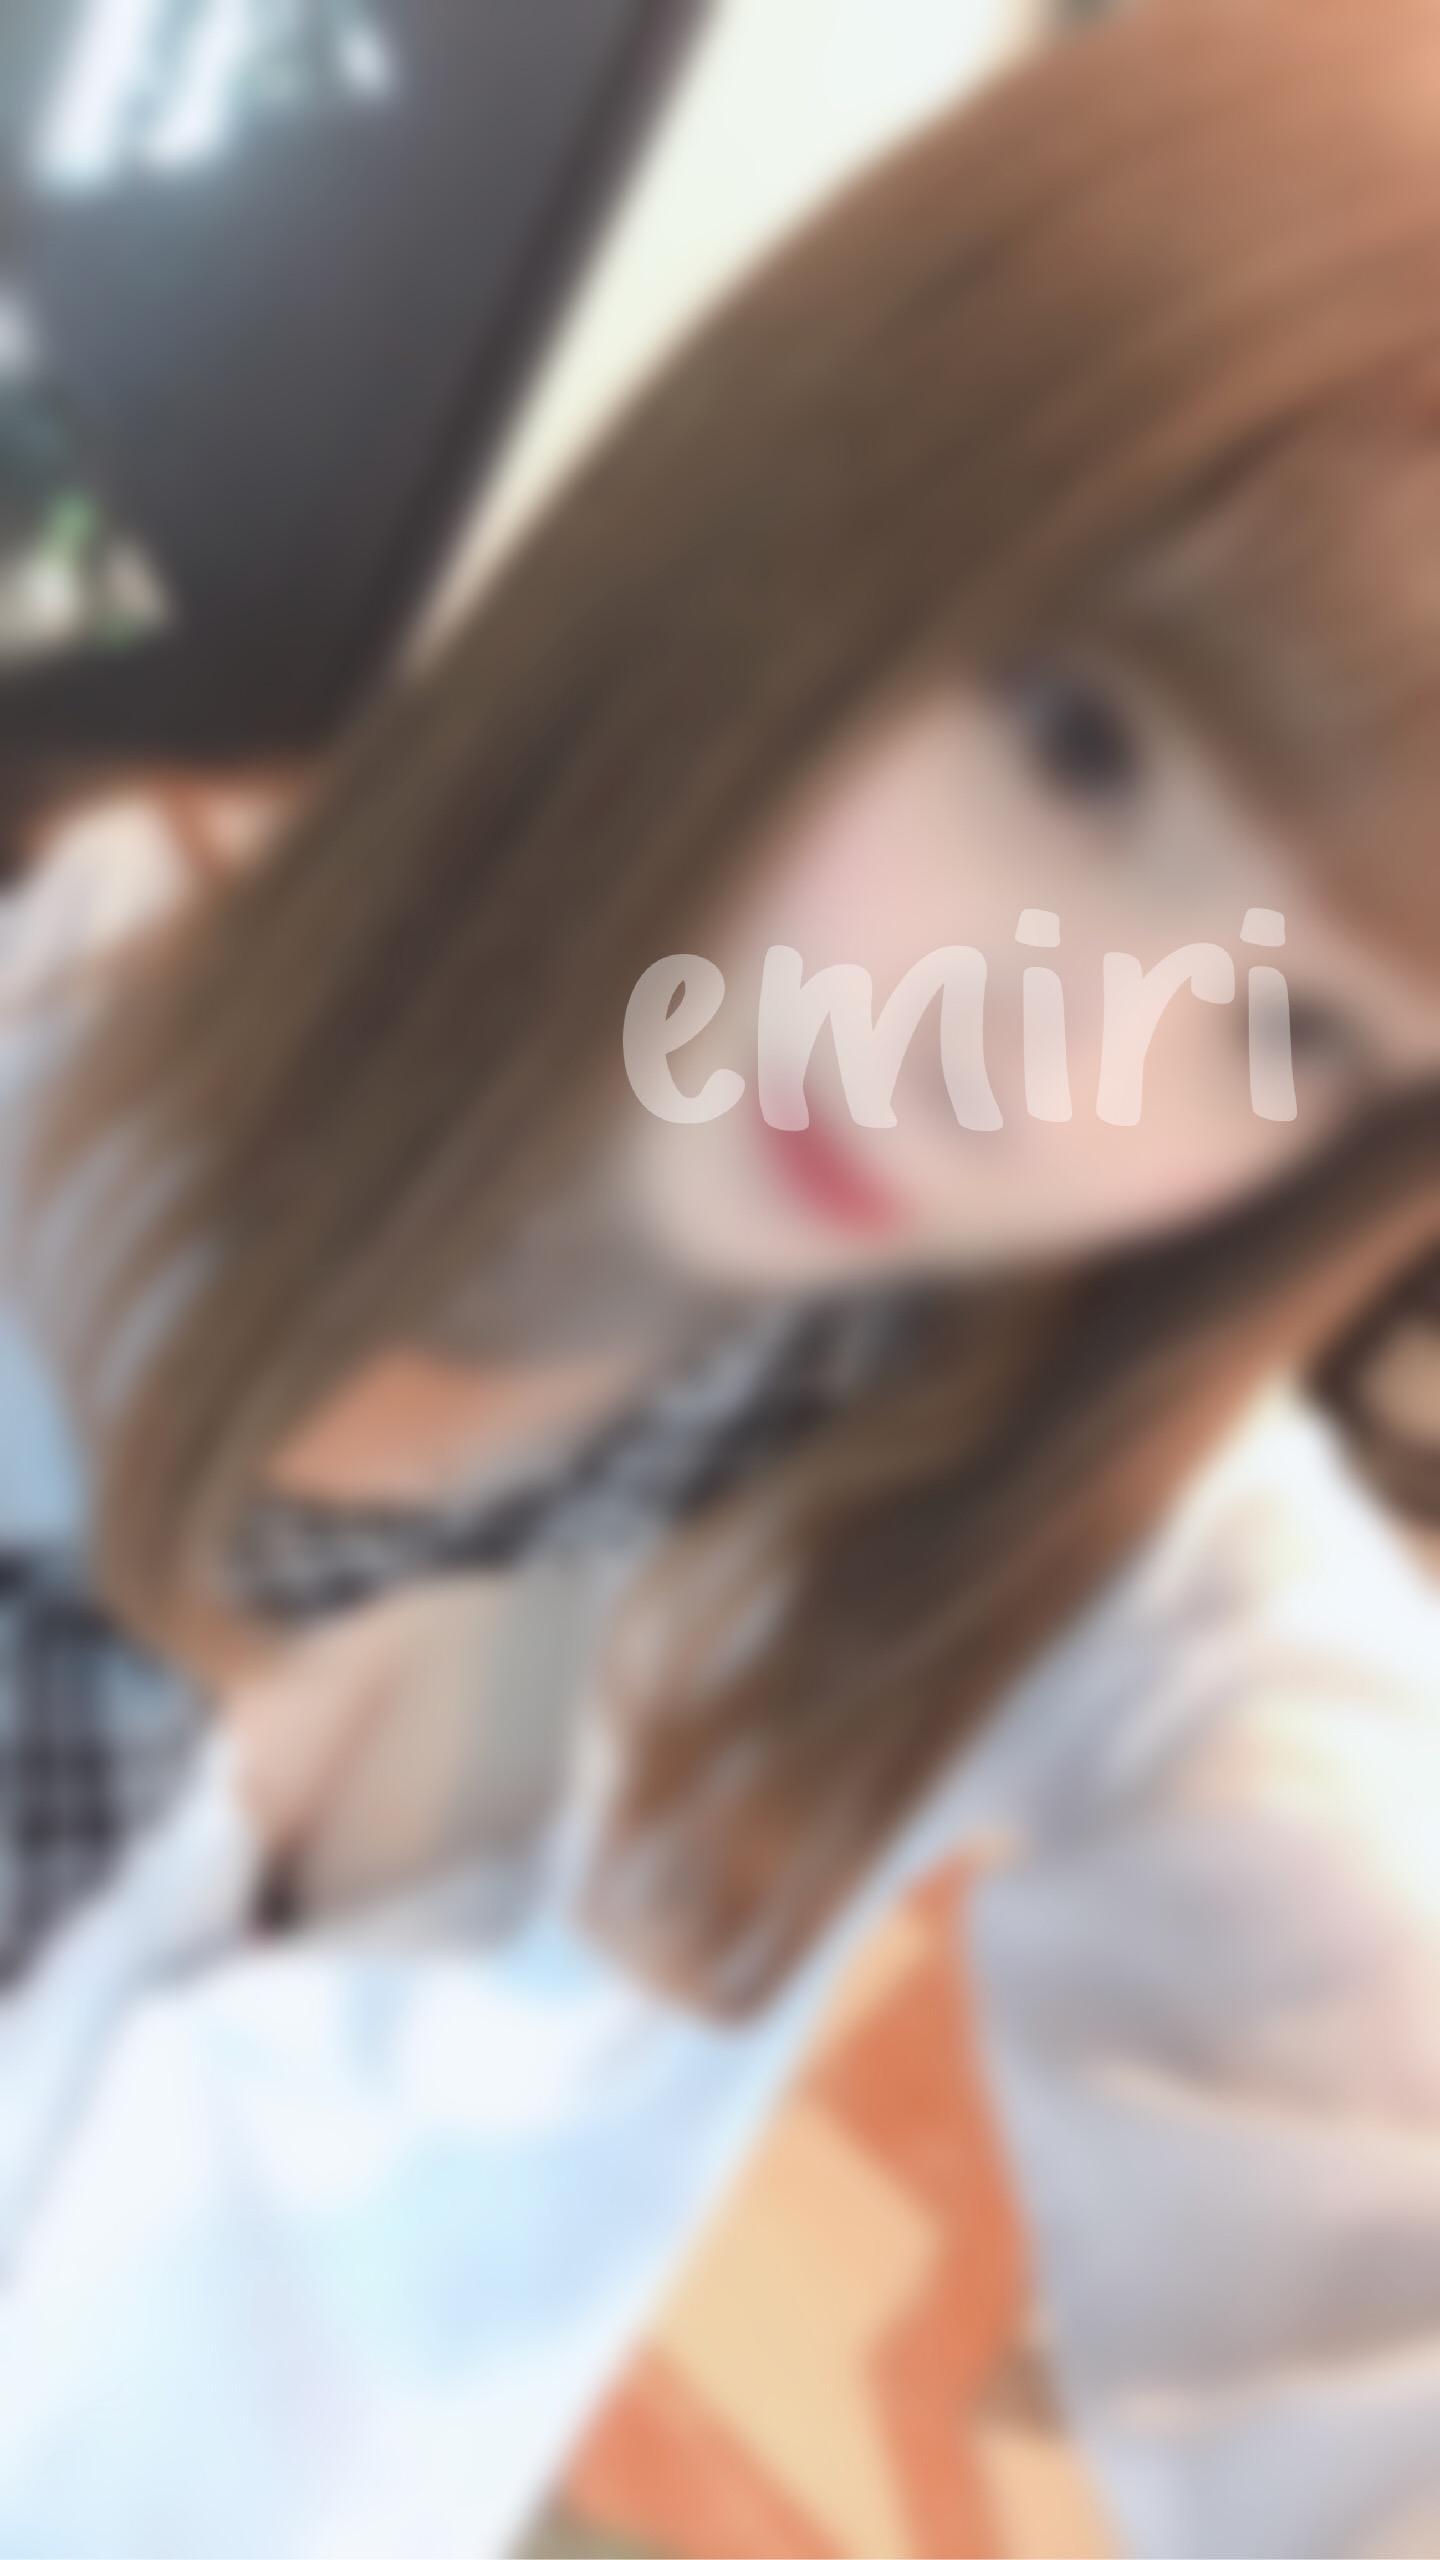 Emiri(えみり)「ねむた~い」12/15(土) 02:15 | Emiri(えみり)の写メ・風俗動画